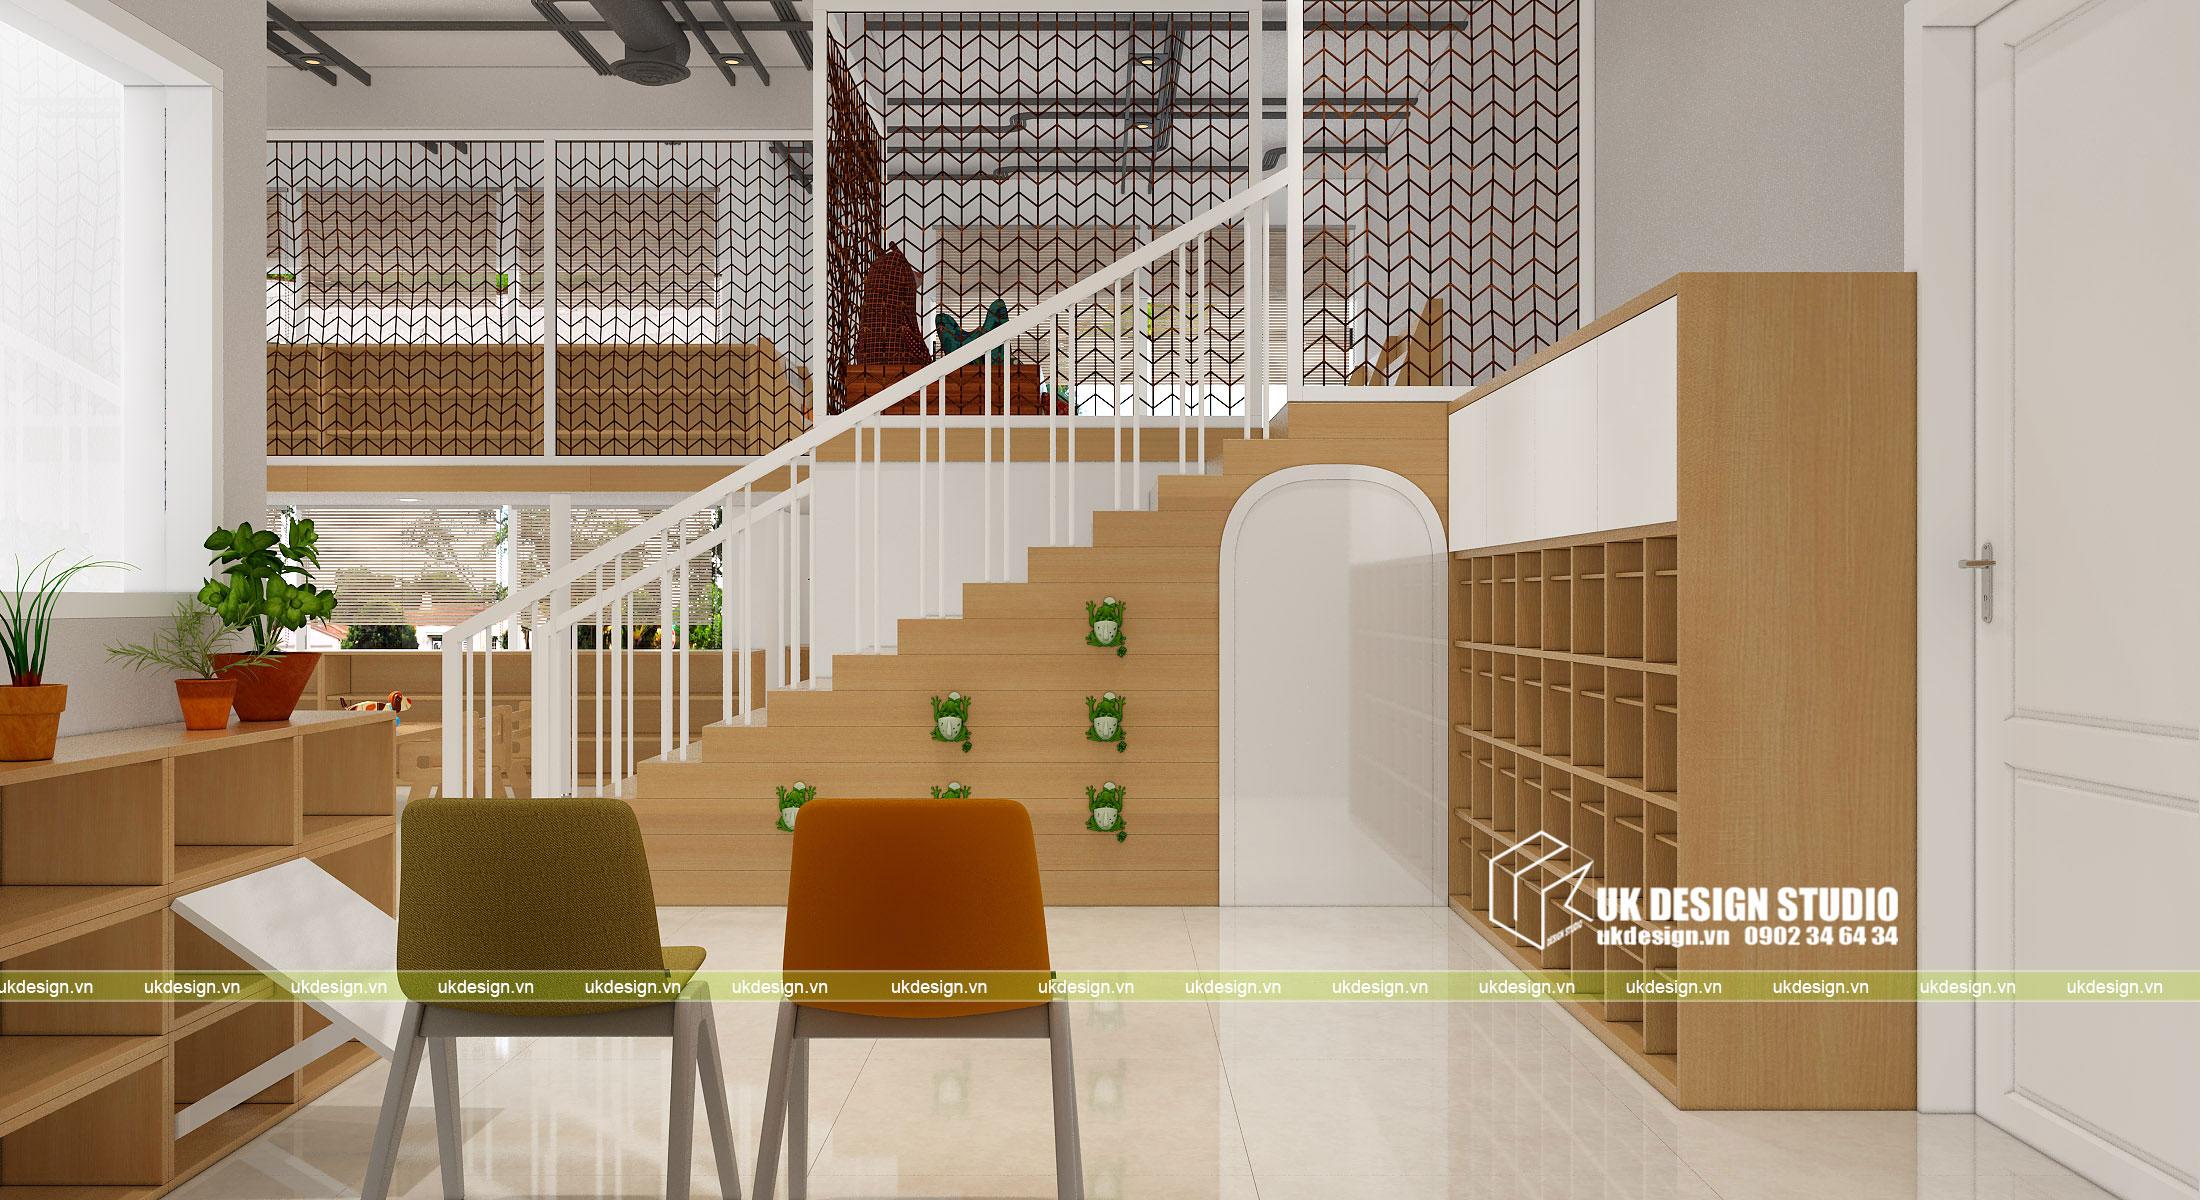 Thiết kế nội thất nhà trẻ 2